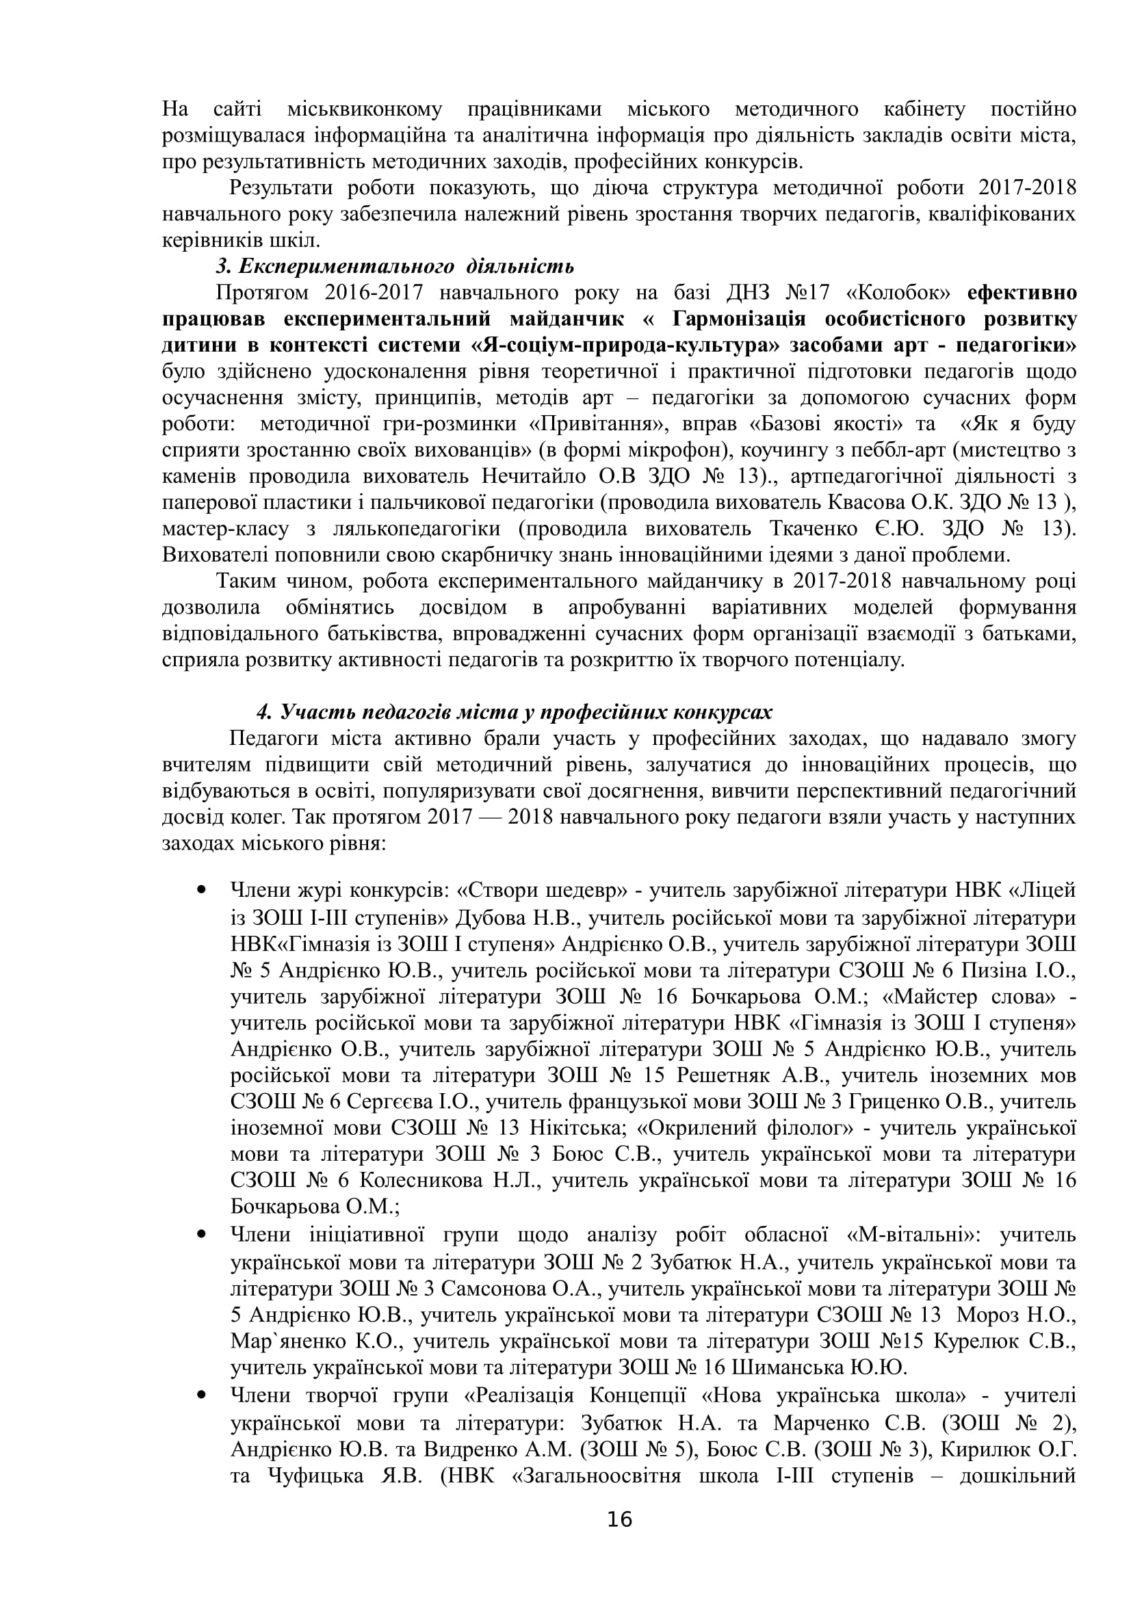 Костянтинівка 2018-2019 - ММК план роботи-17